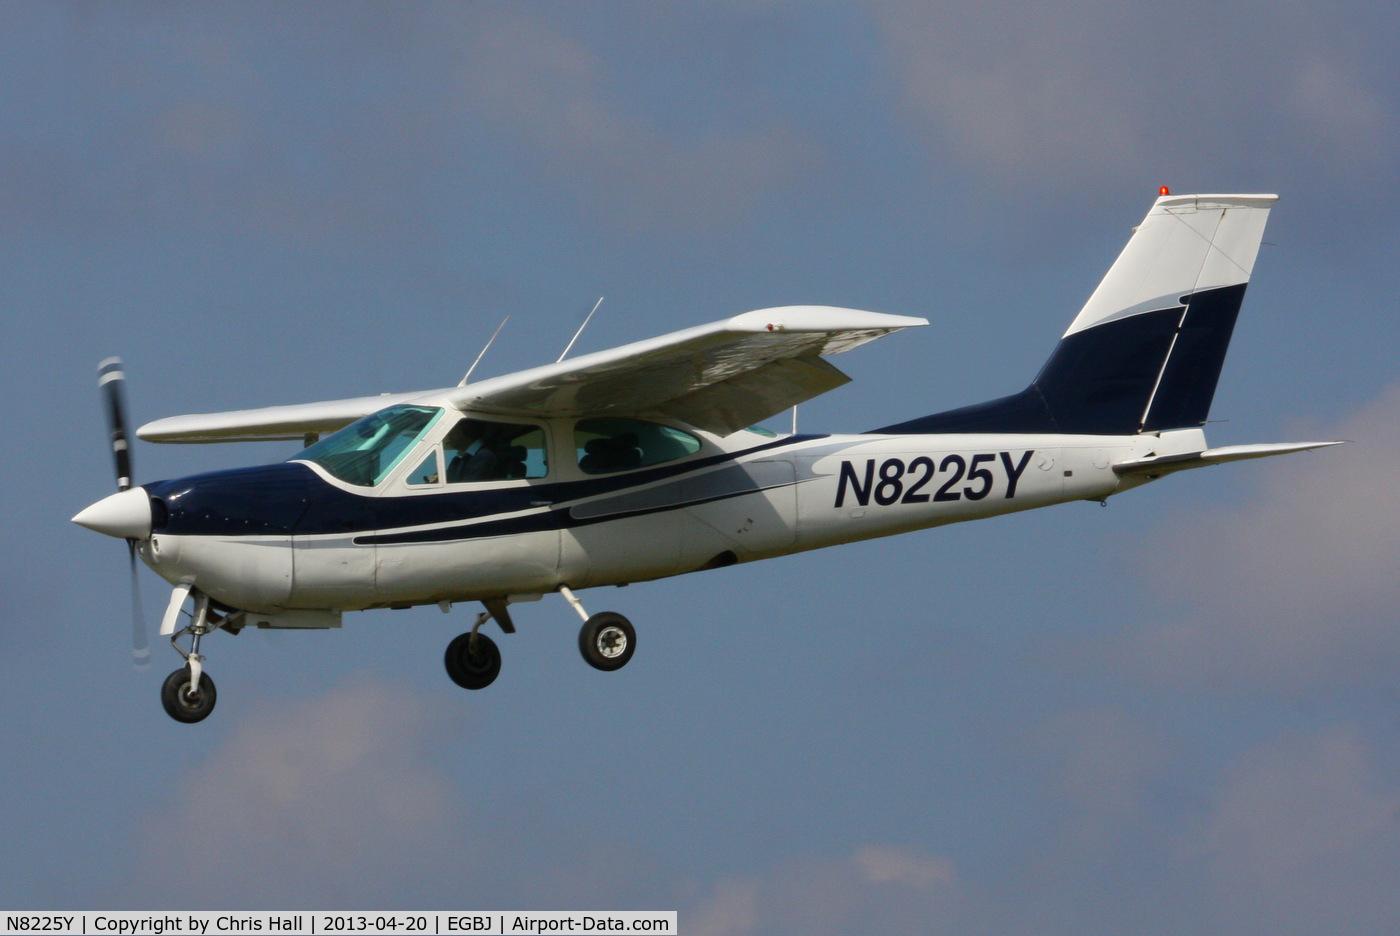 N8225Y, 1977 Cessna 177RG Cardinal C/N 177RG1247, privately owned